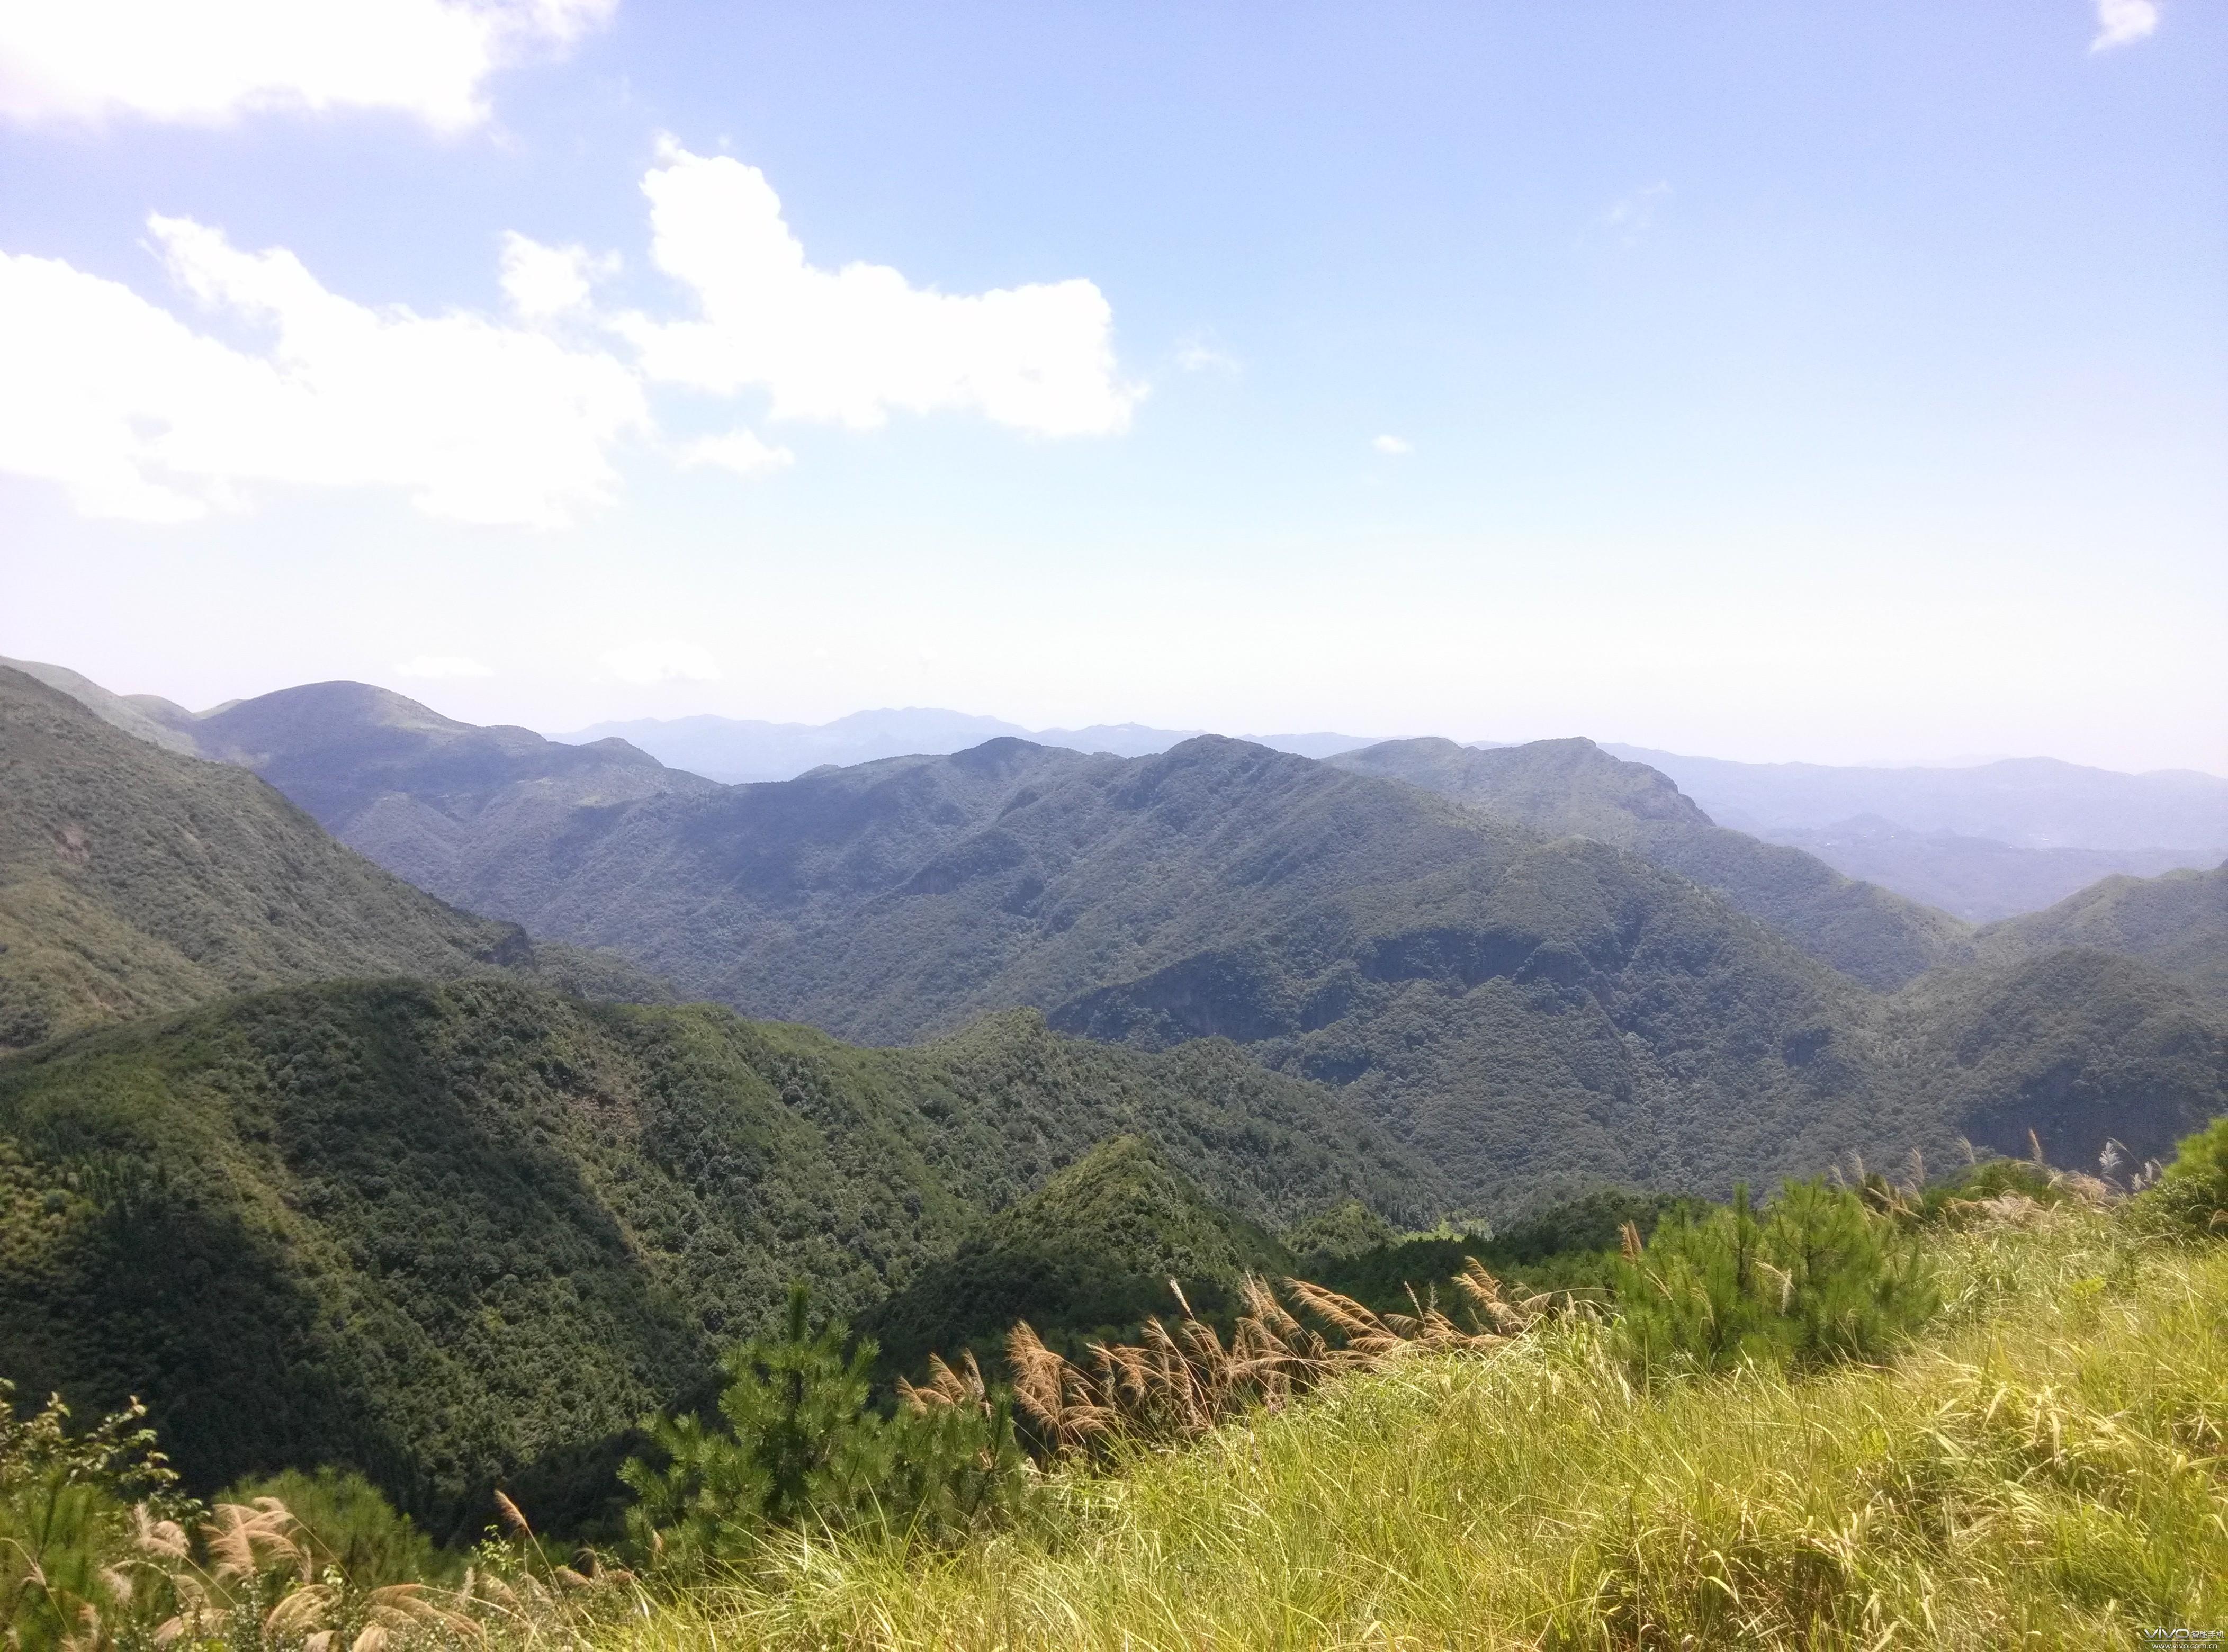 福州云顶山吊缆车 福州云顶山景区吊缆 福州云顶山缆车事故图